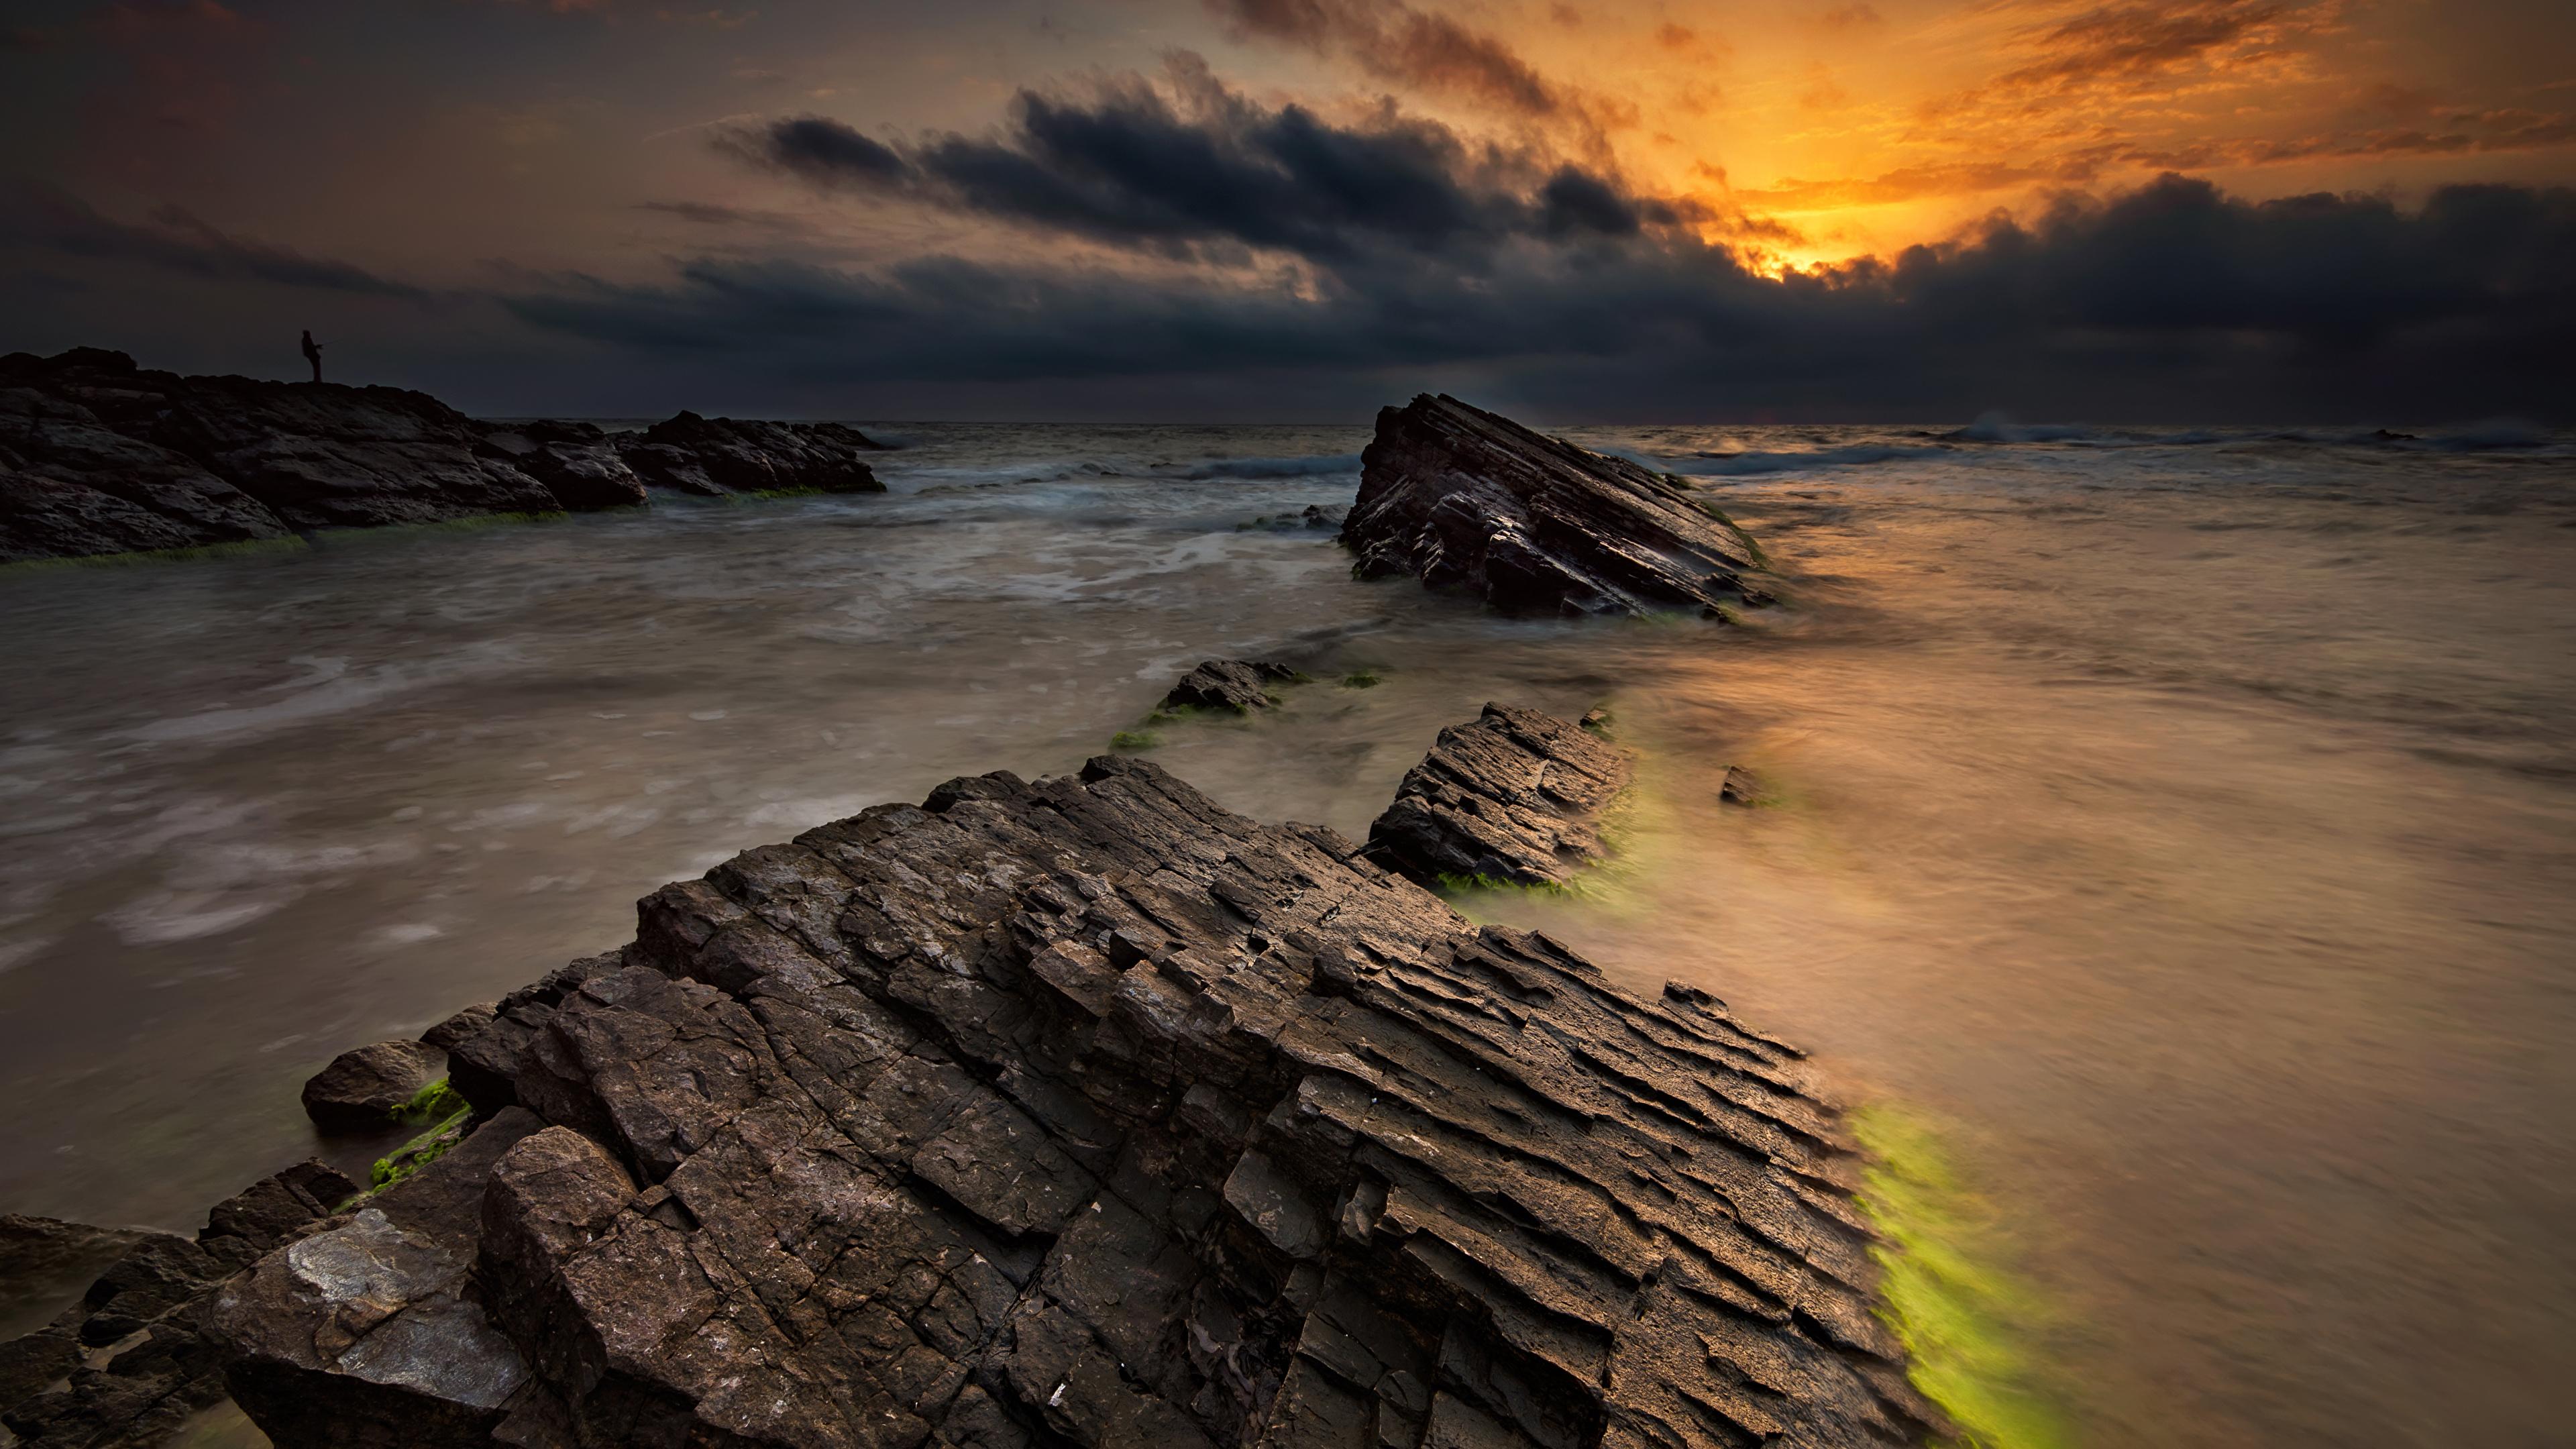 Foto Bulgarien Meer Natur Morgendämmerung und Sonnenuntergang Stein Küste Wolke 3840x2160 Sonnenaufgänge und Sonnenuntergänge Steine